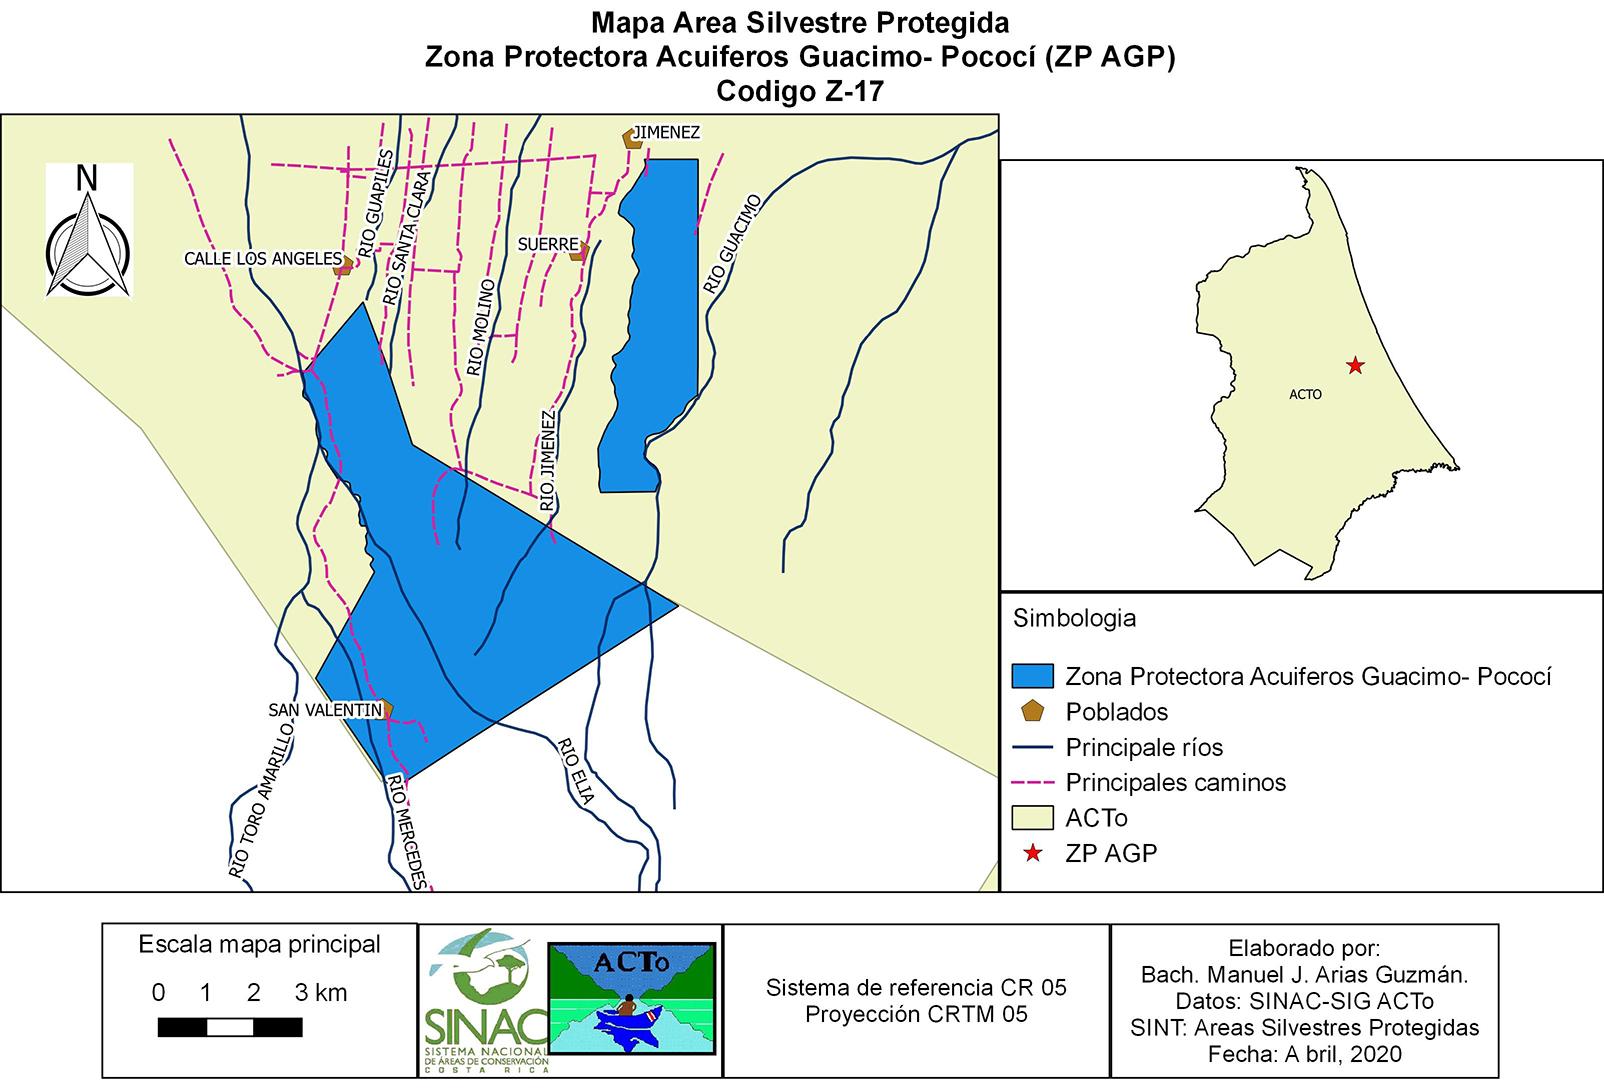 mapa acuíferos